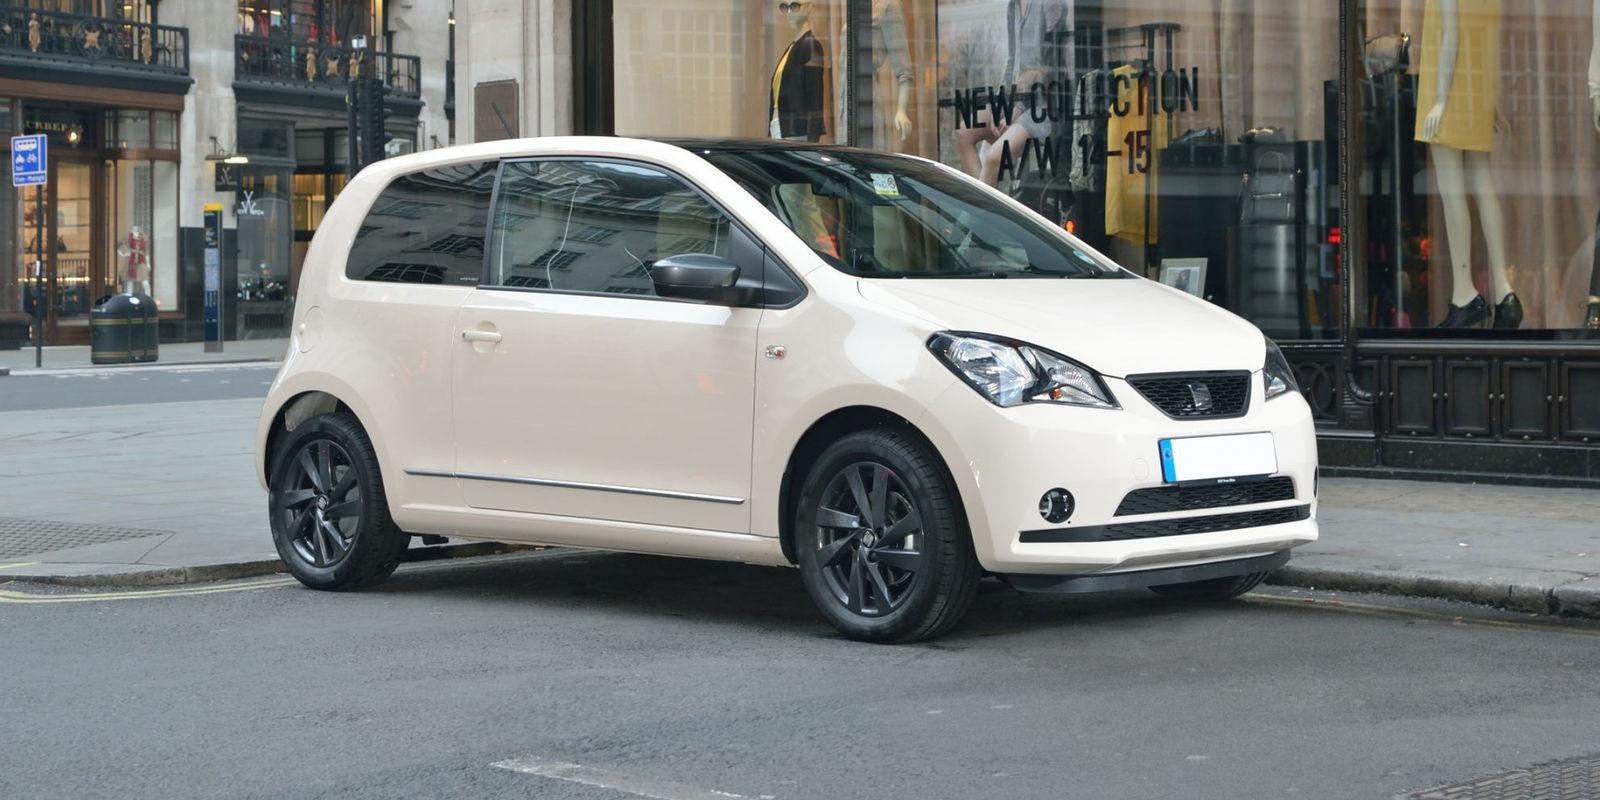 Best New Car Deals Scotland